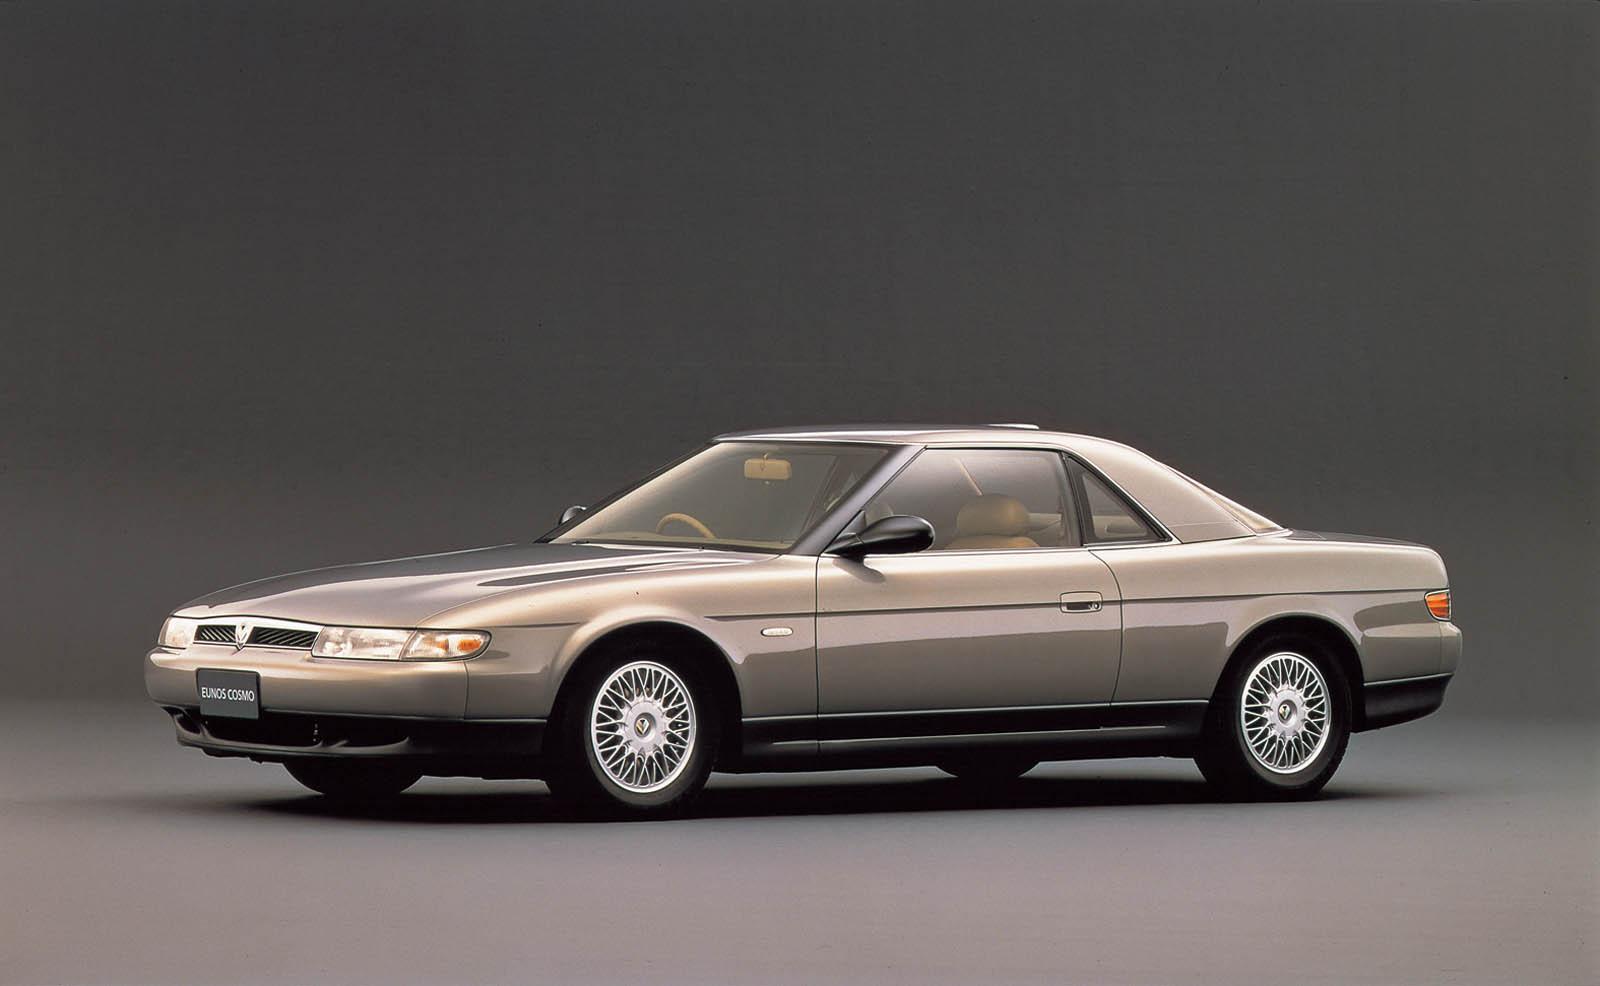 Mazda-50-years-of-rotary-p32_02